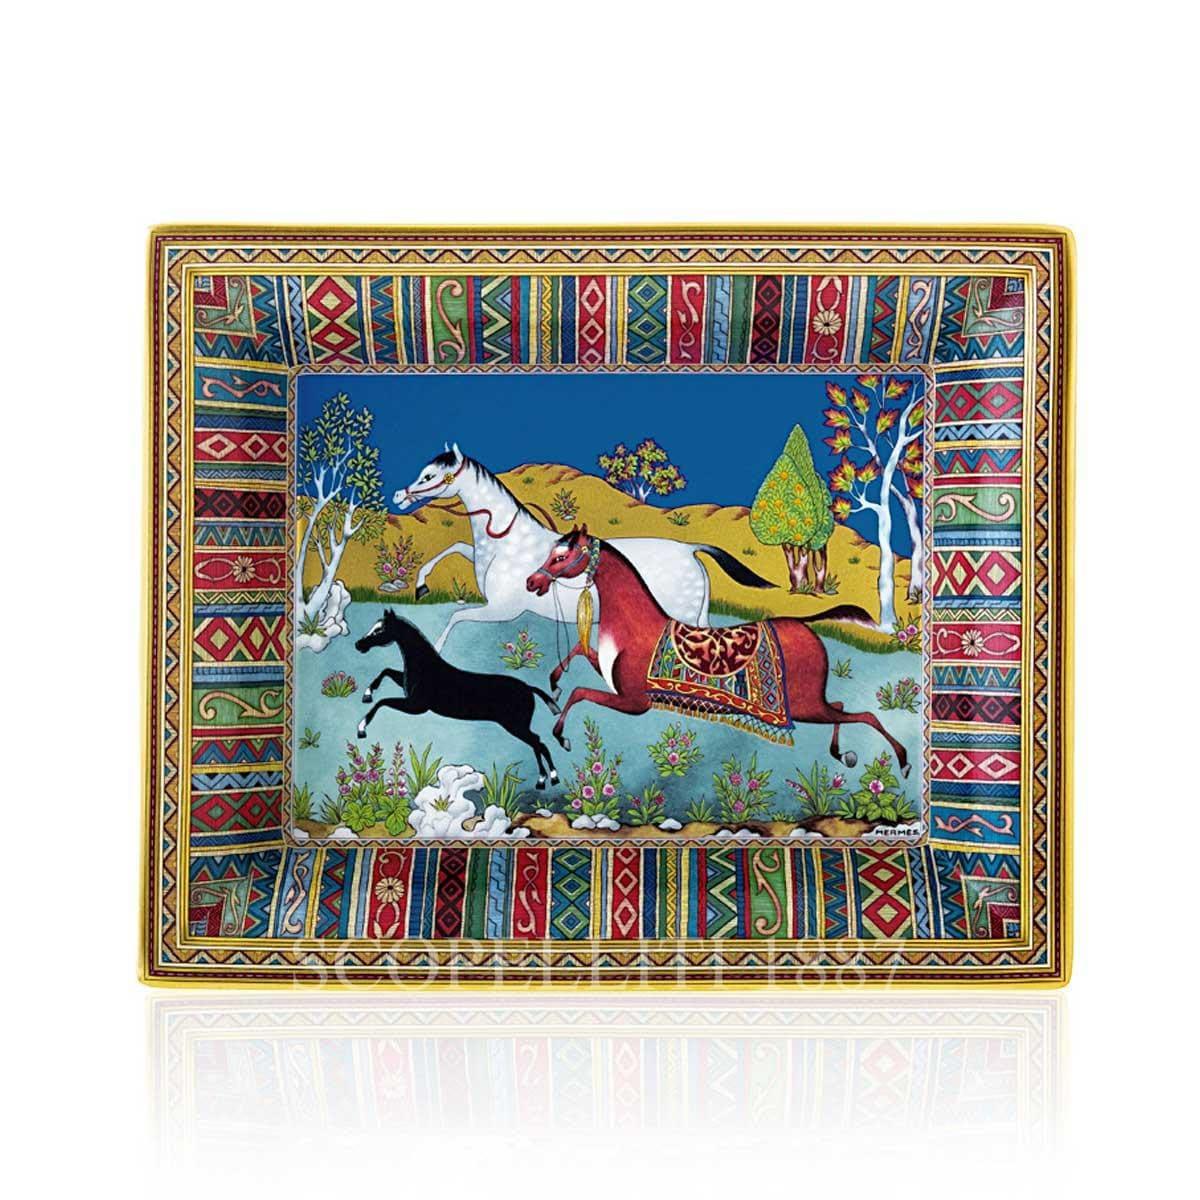 Hermes Cheval d'Orient Vide-poche